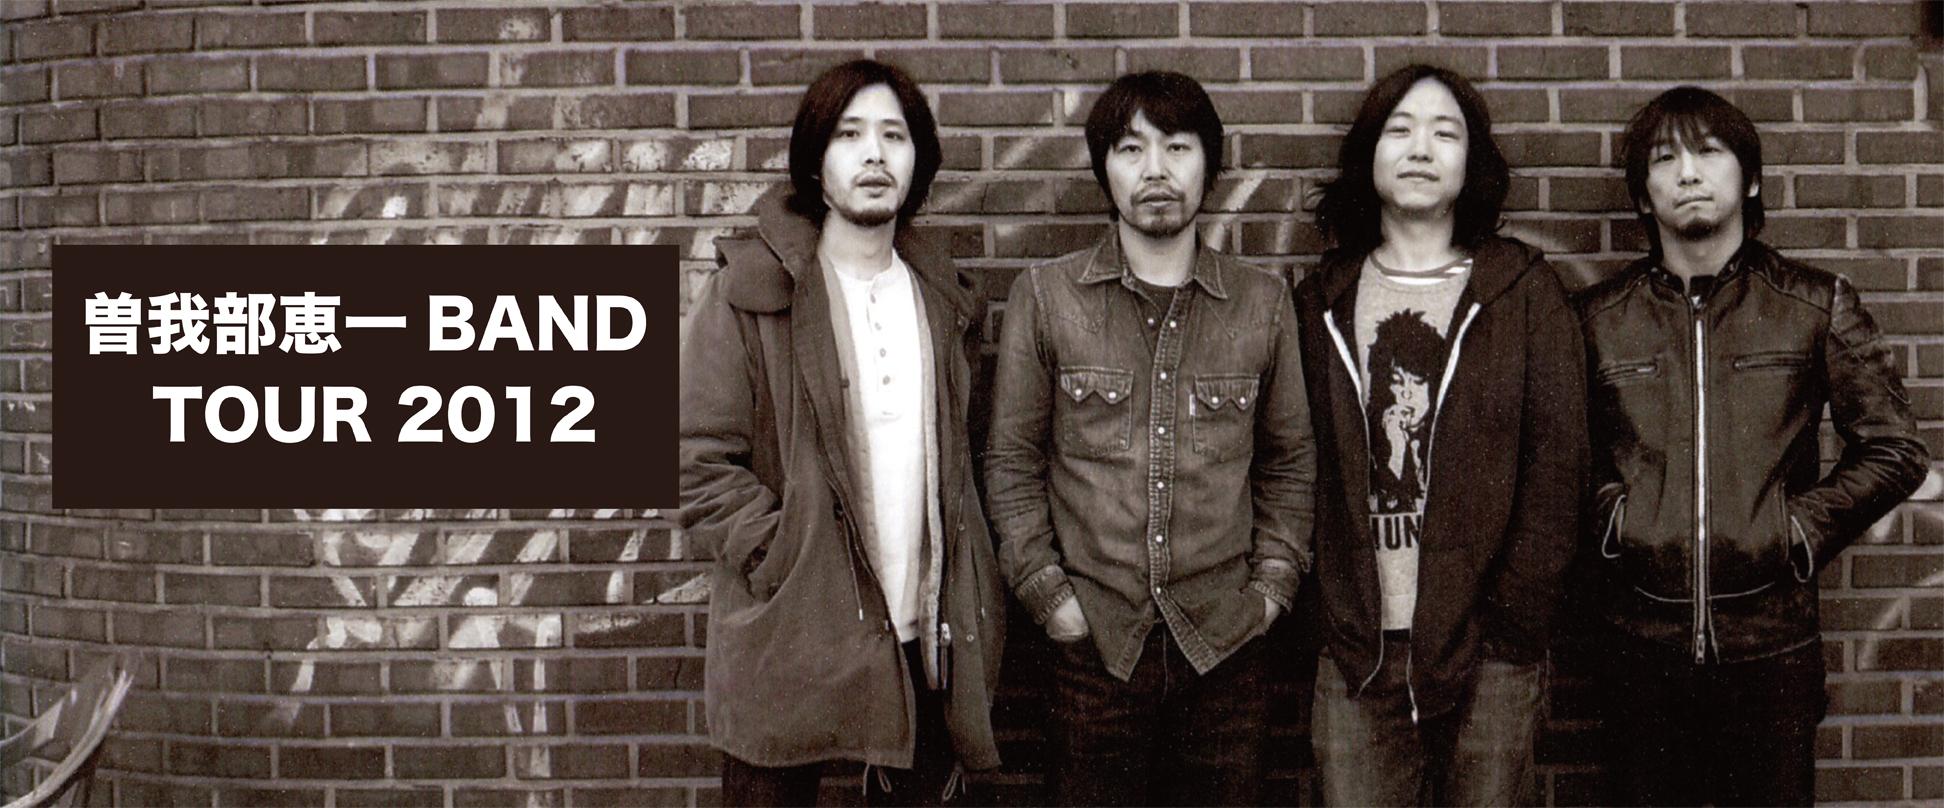 http://rose-records.jp/files/sokabanTOUR2012NEW2sepia.jpg